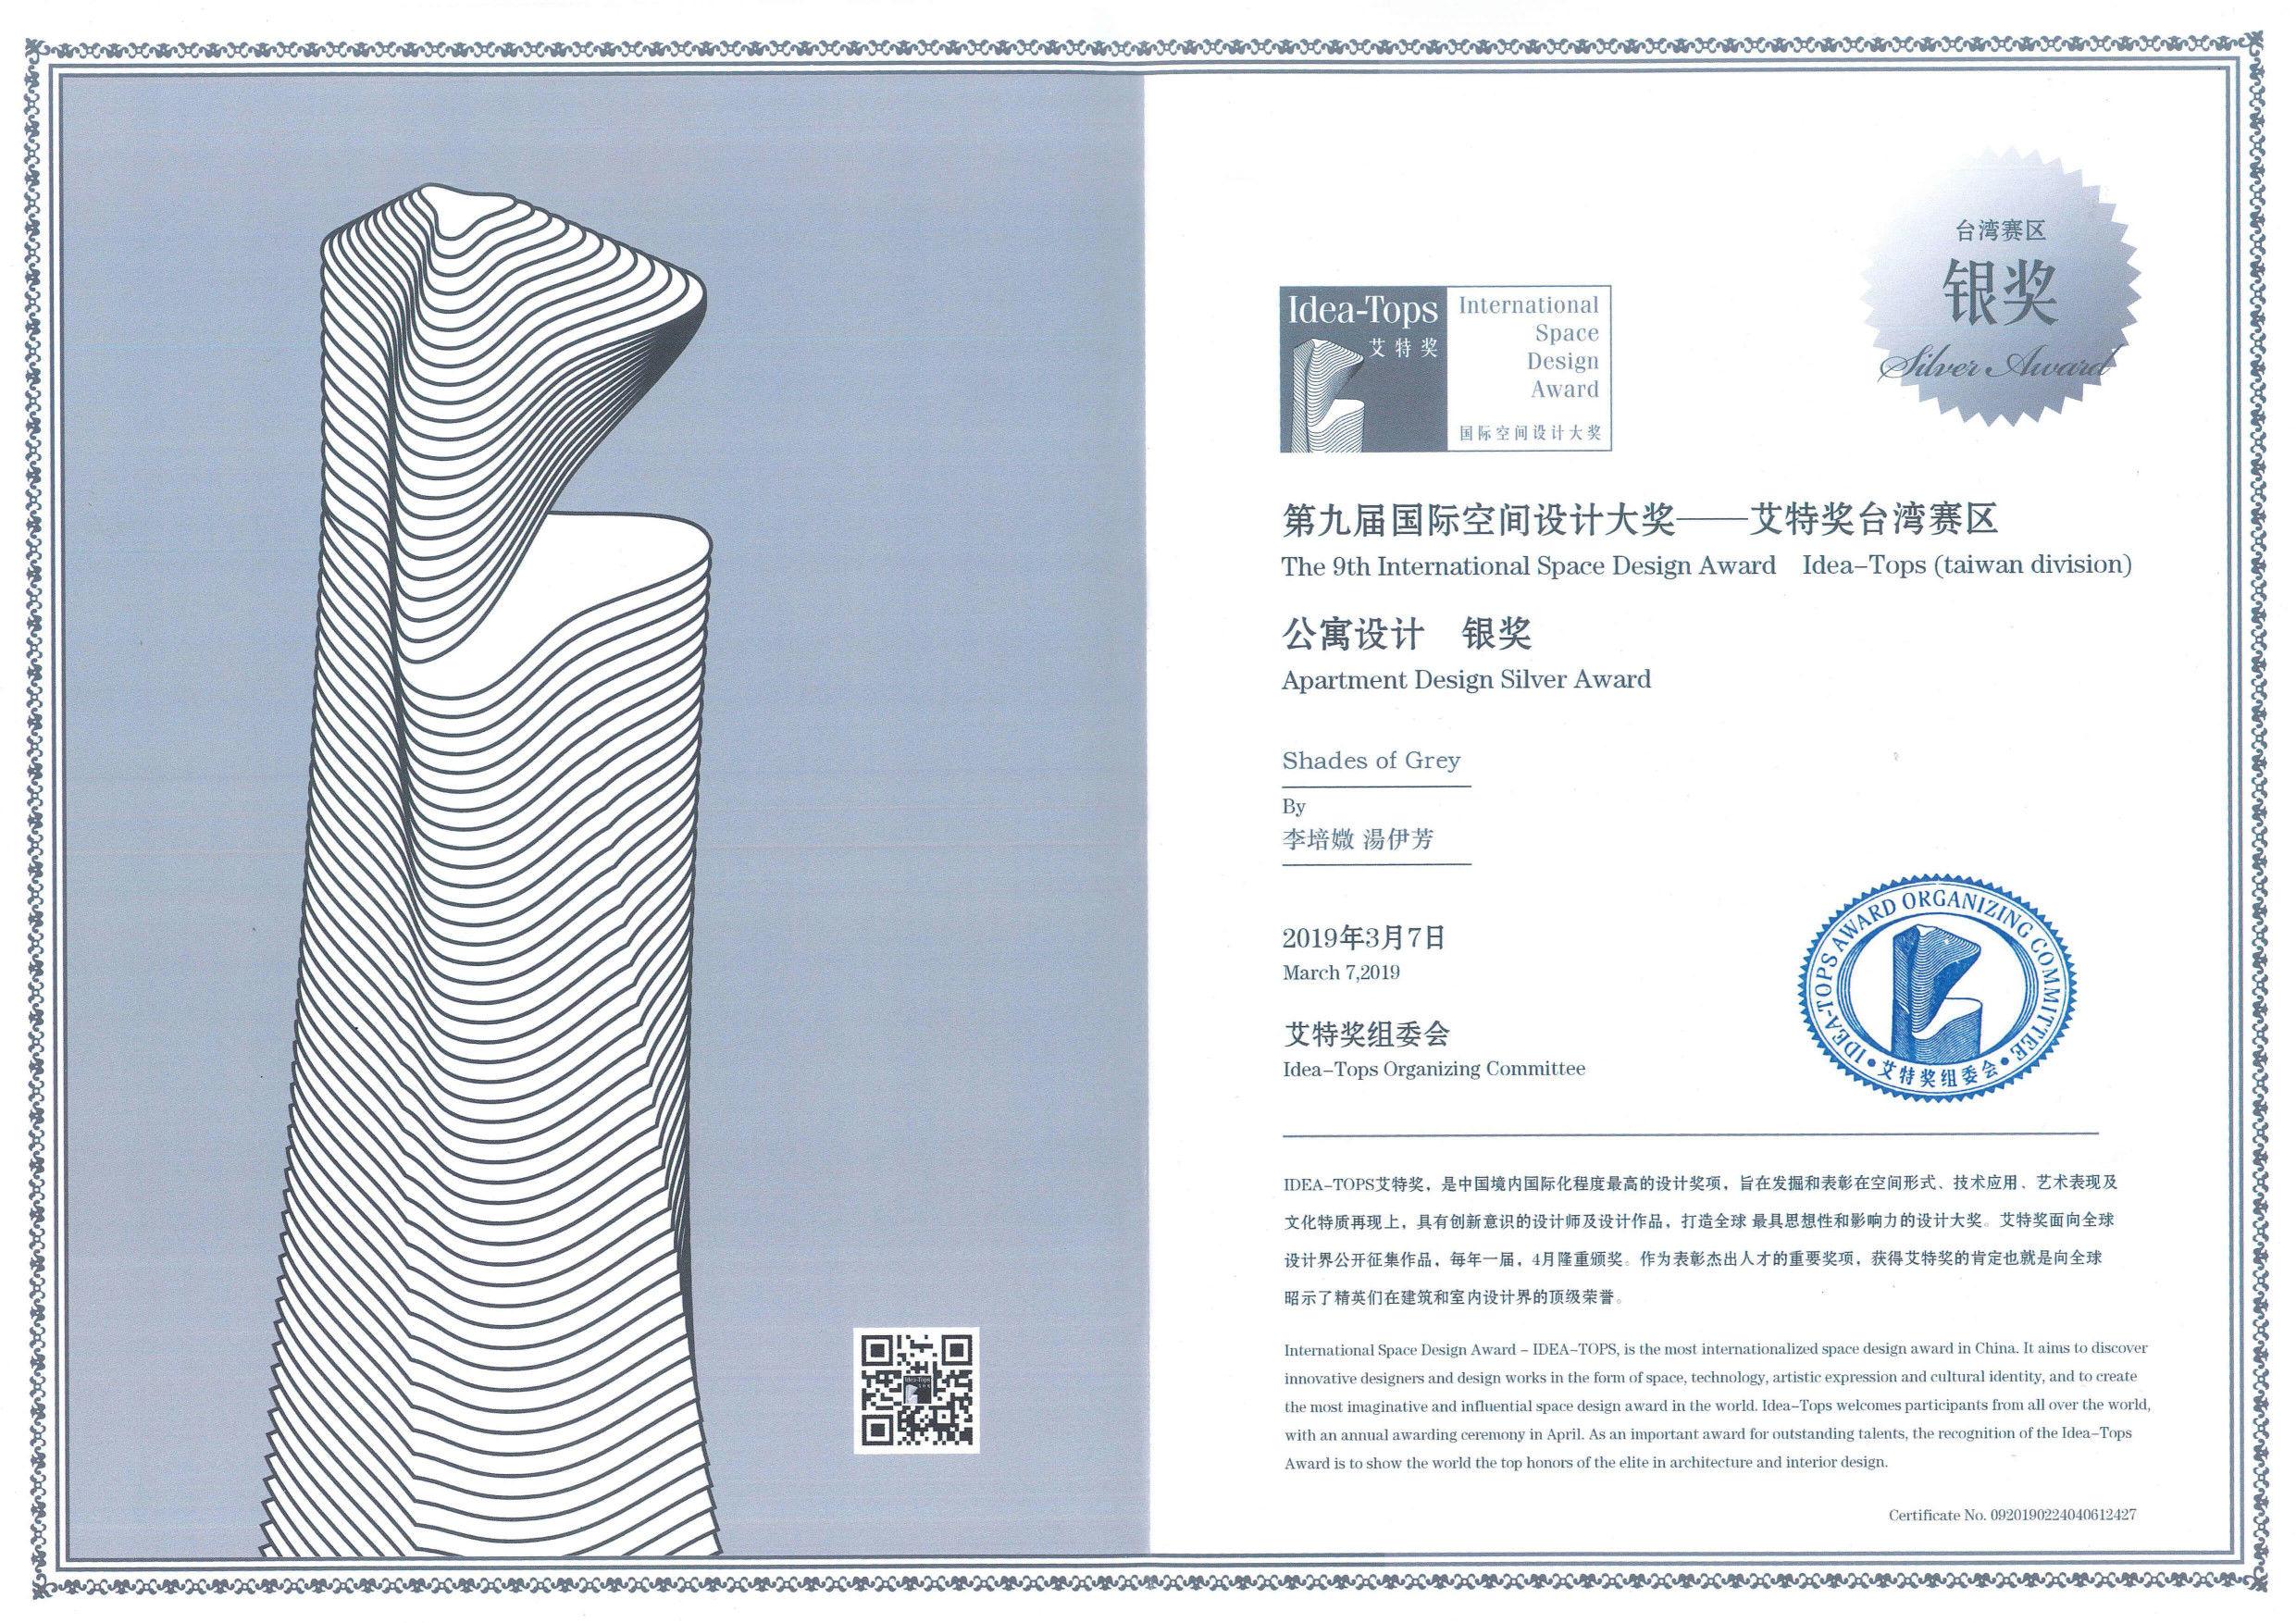 分子室內裝修-國際大賽獲獎-國際空間設計大獎 Idea Tops Award